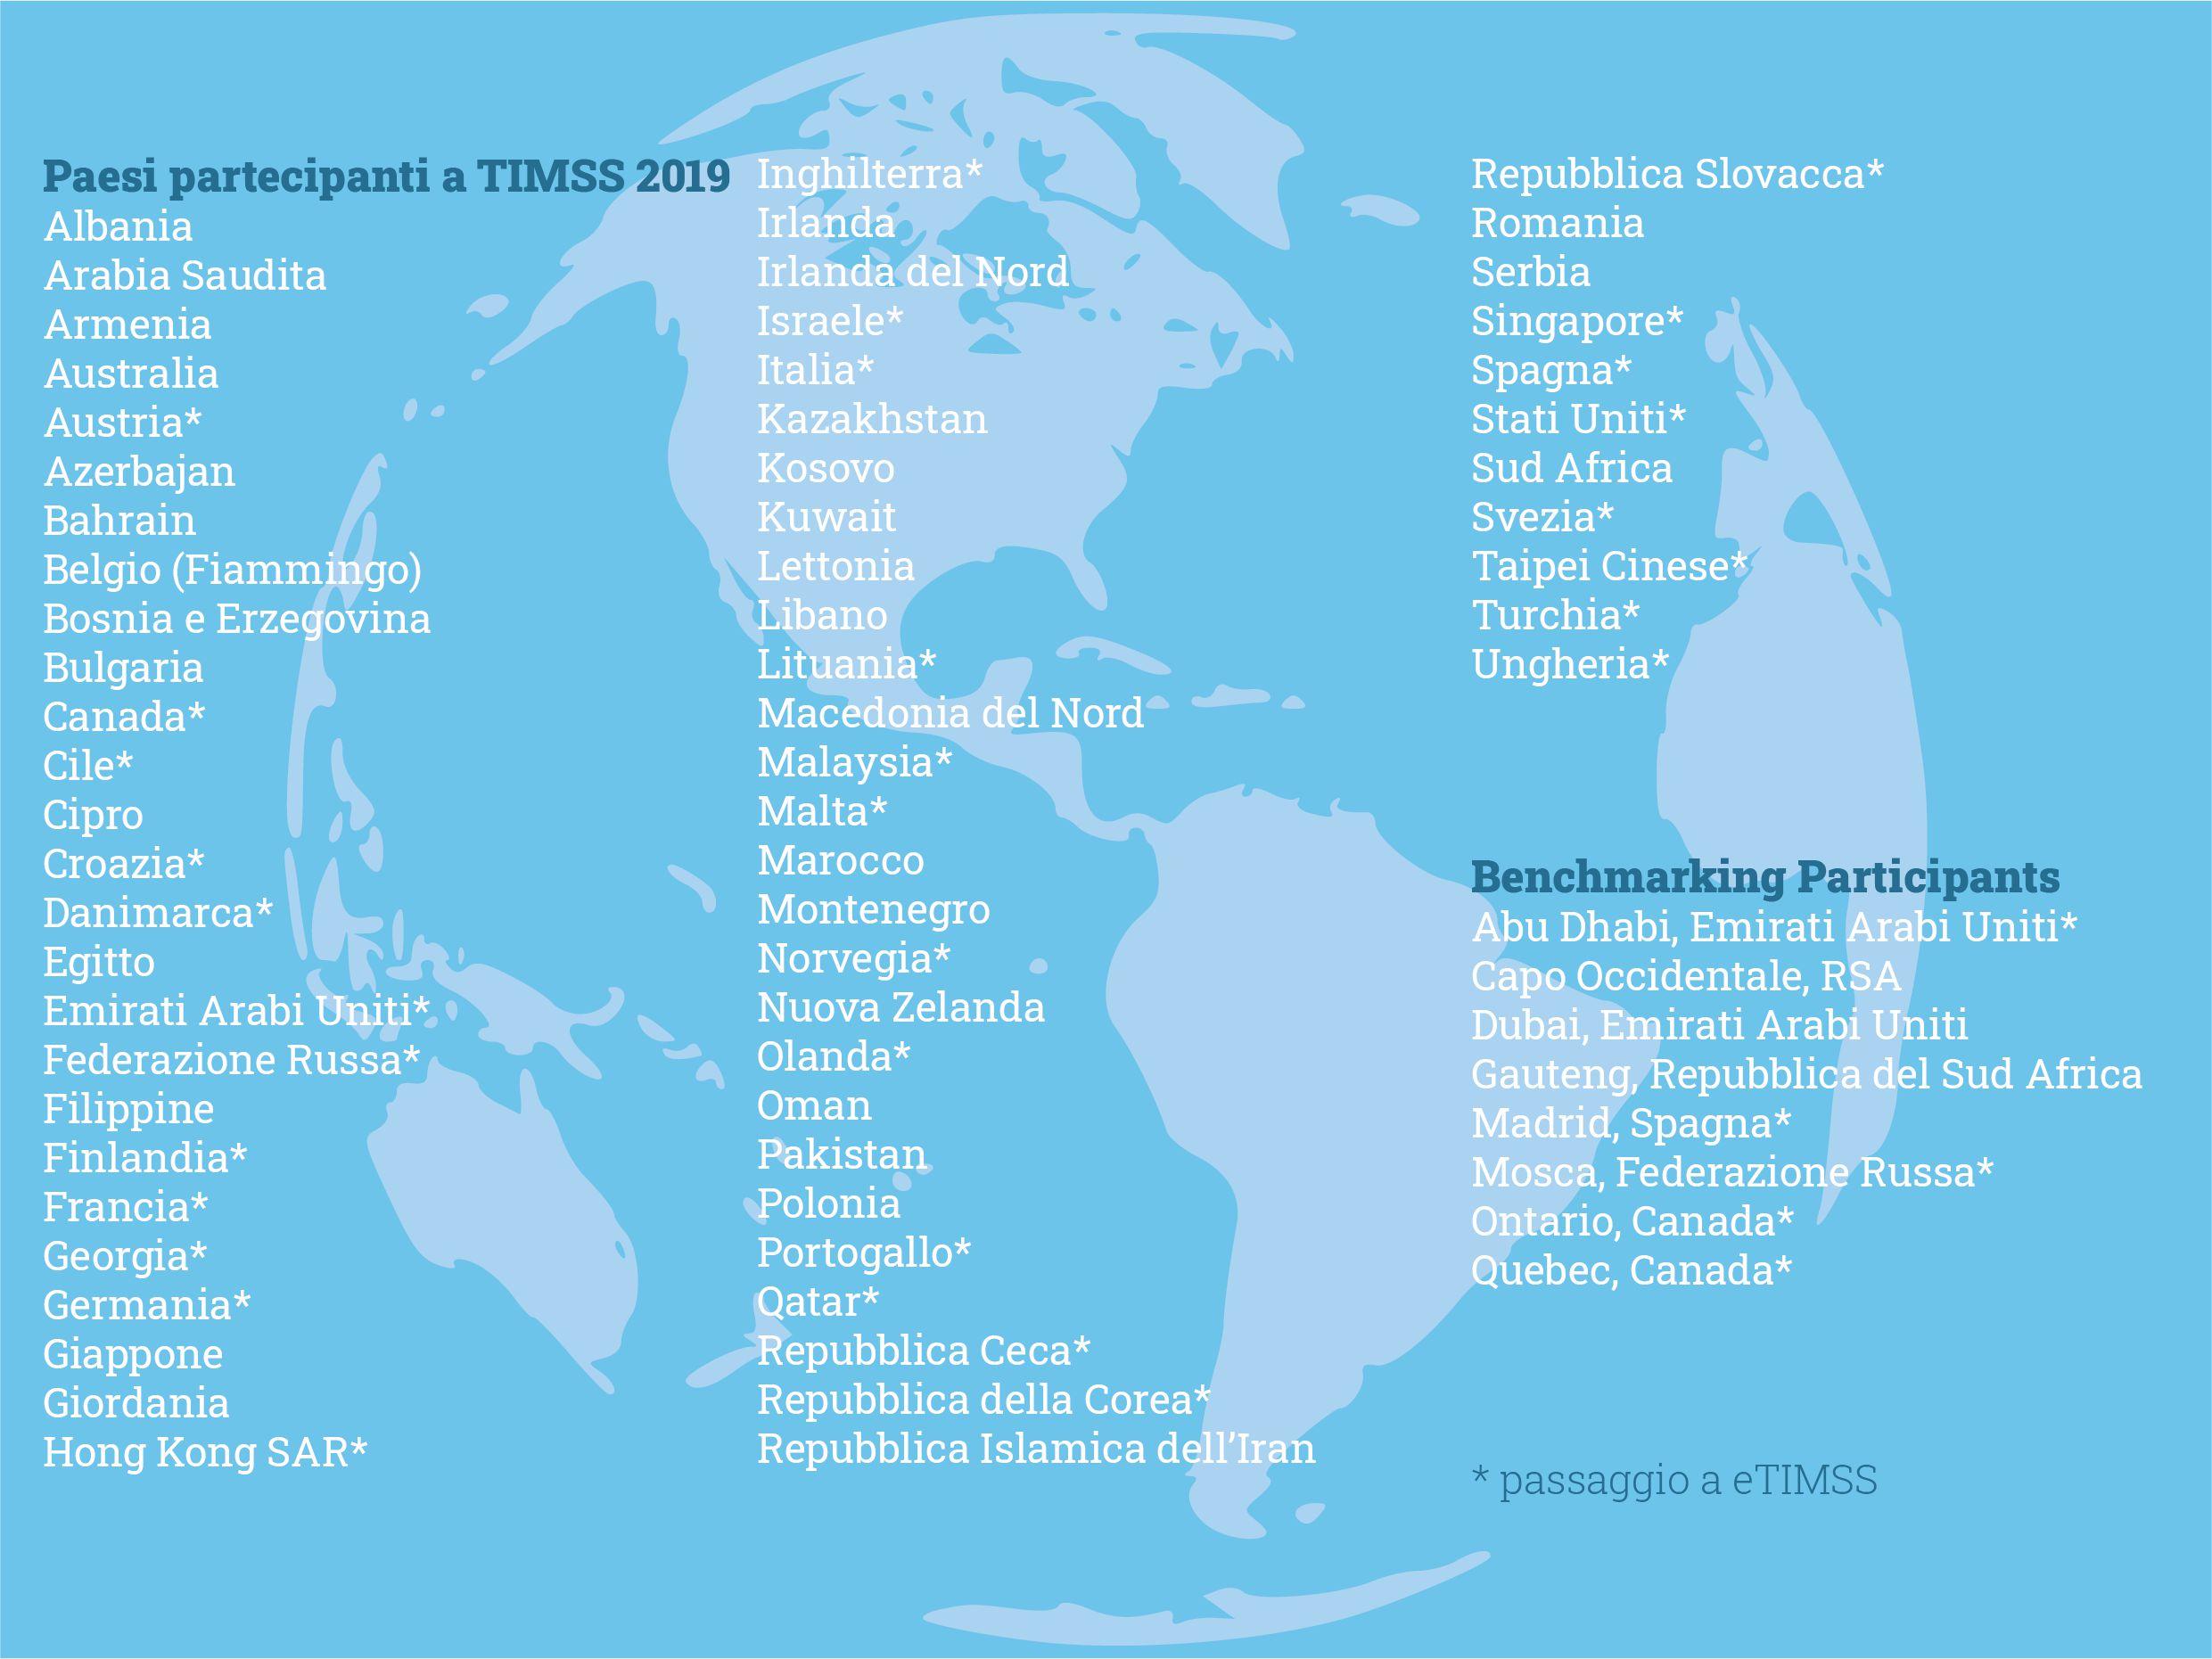 Paesi Partecipanti - I risultati di IEA TIMSS 2019